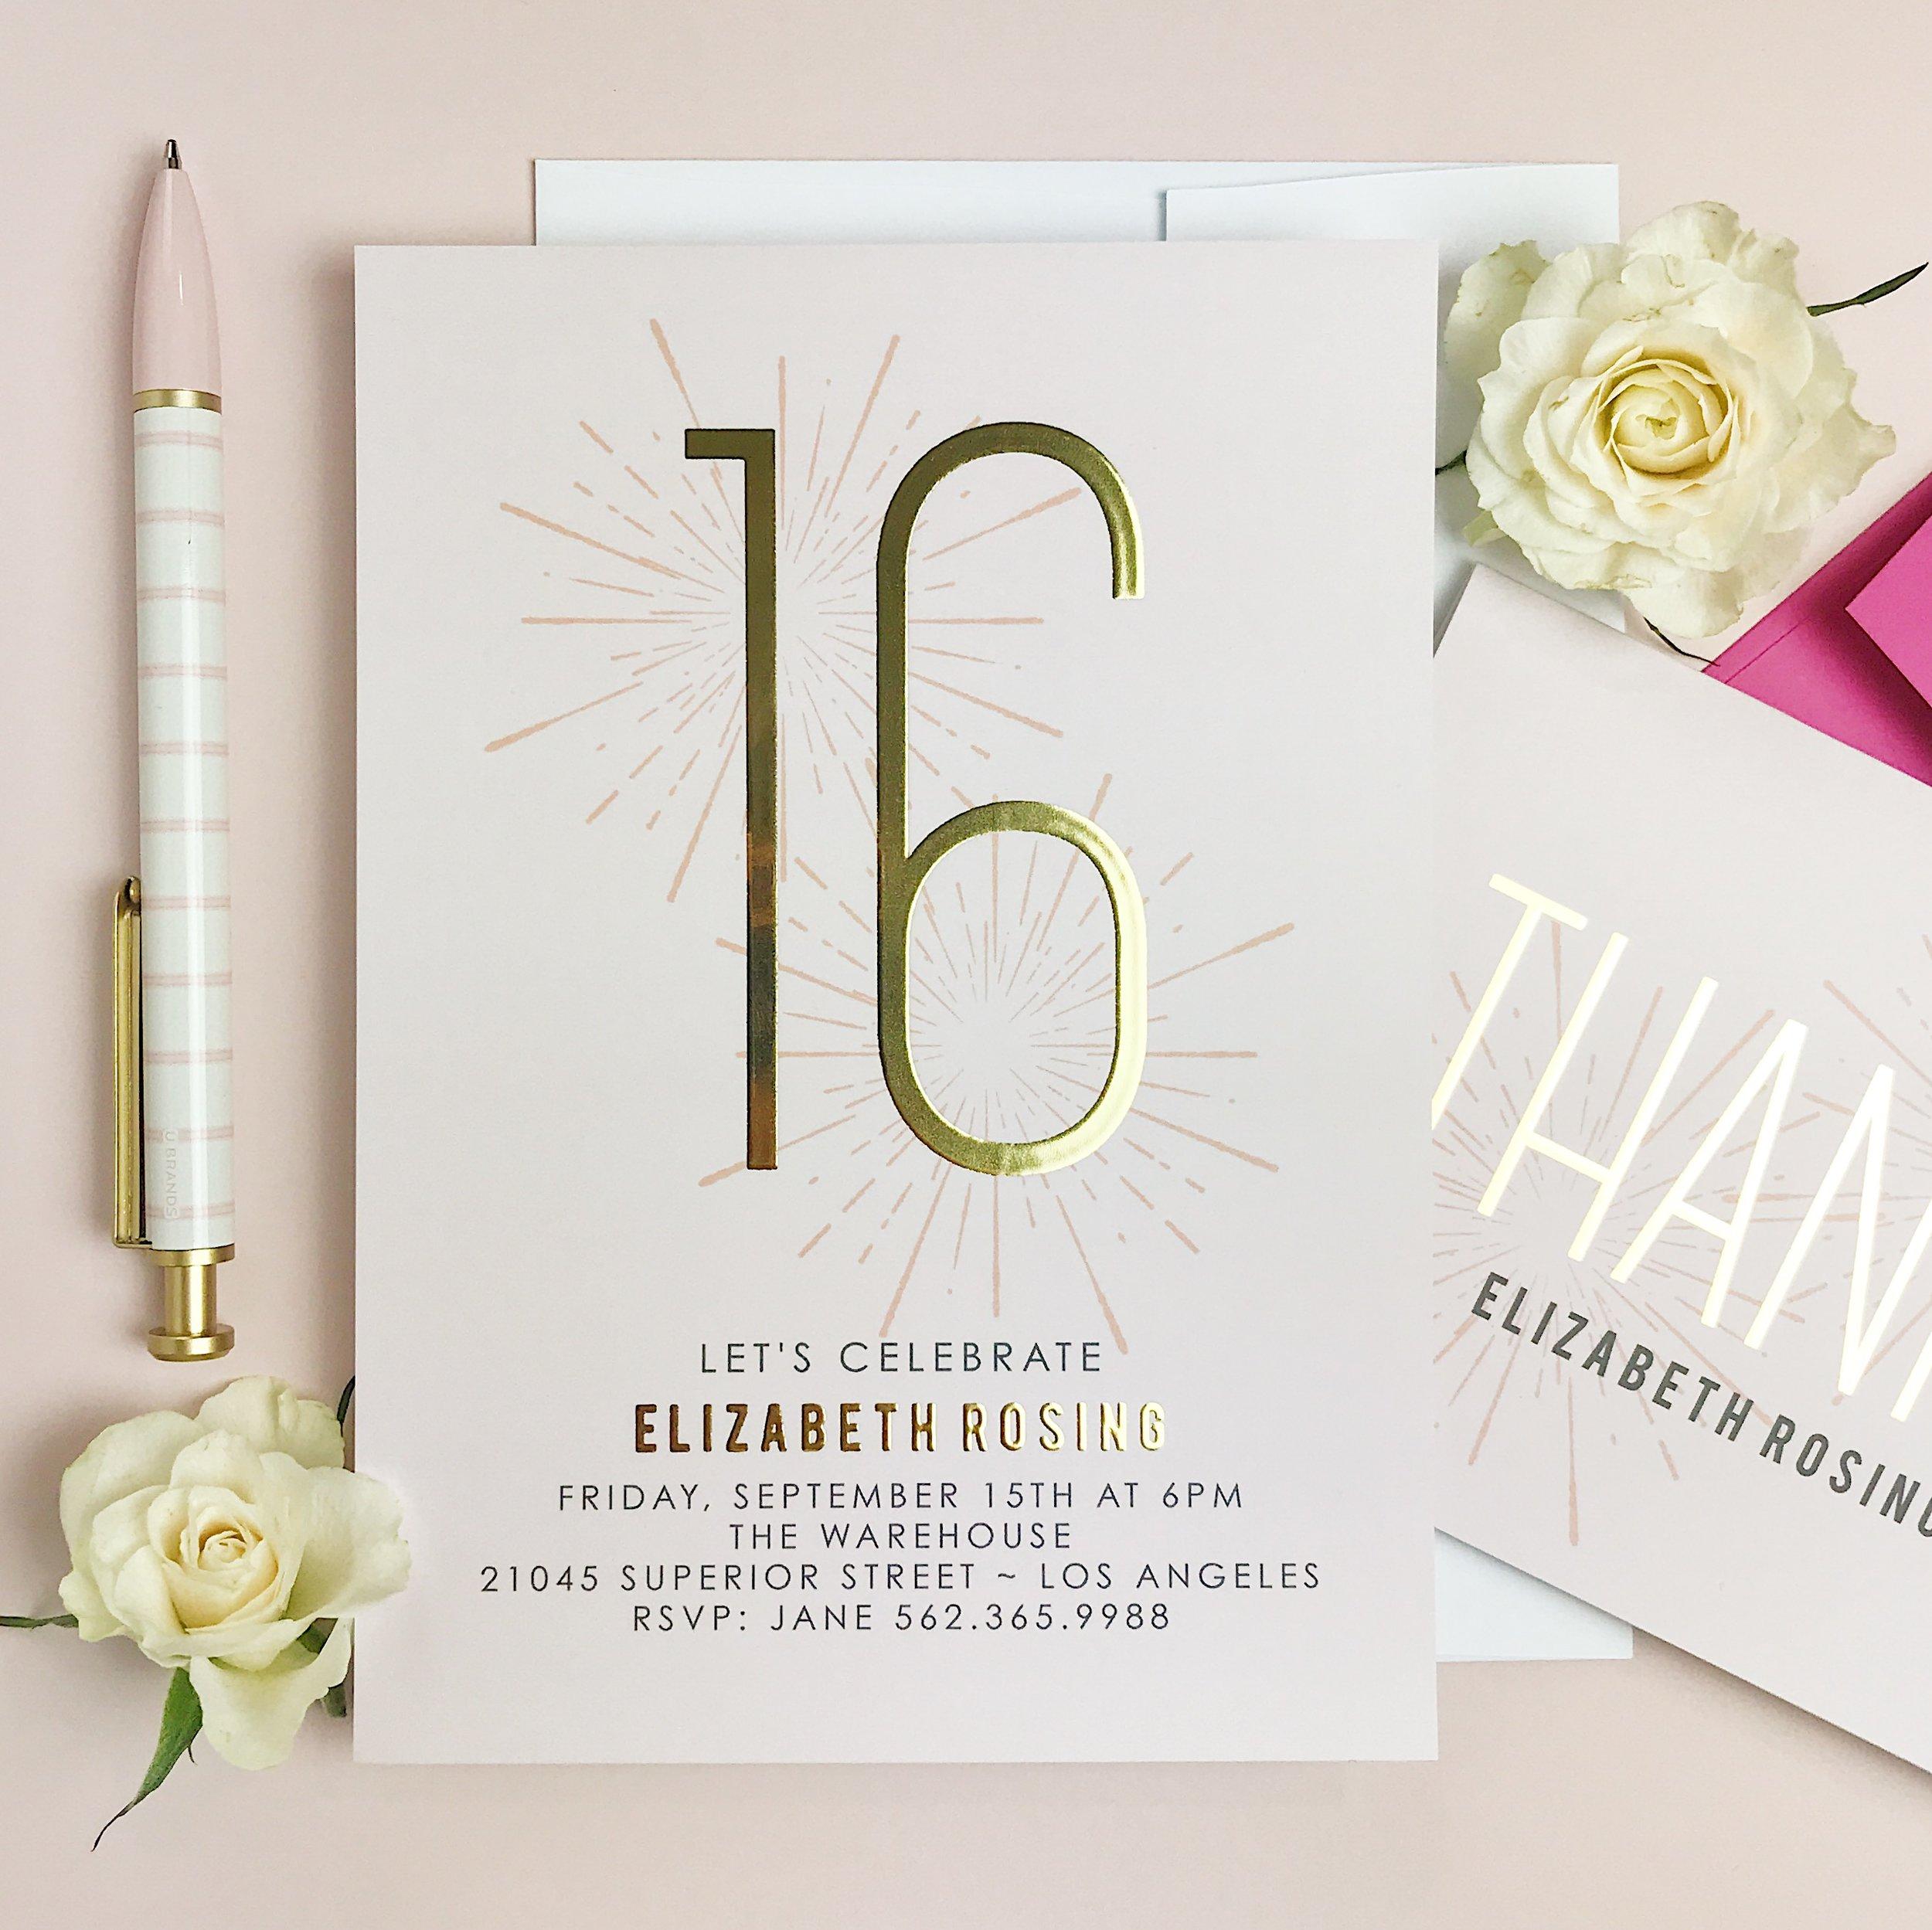 Basic_Invite_Birthday_Invitations_4.jpg